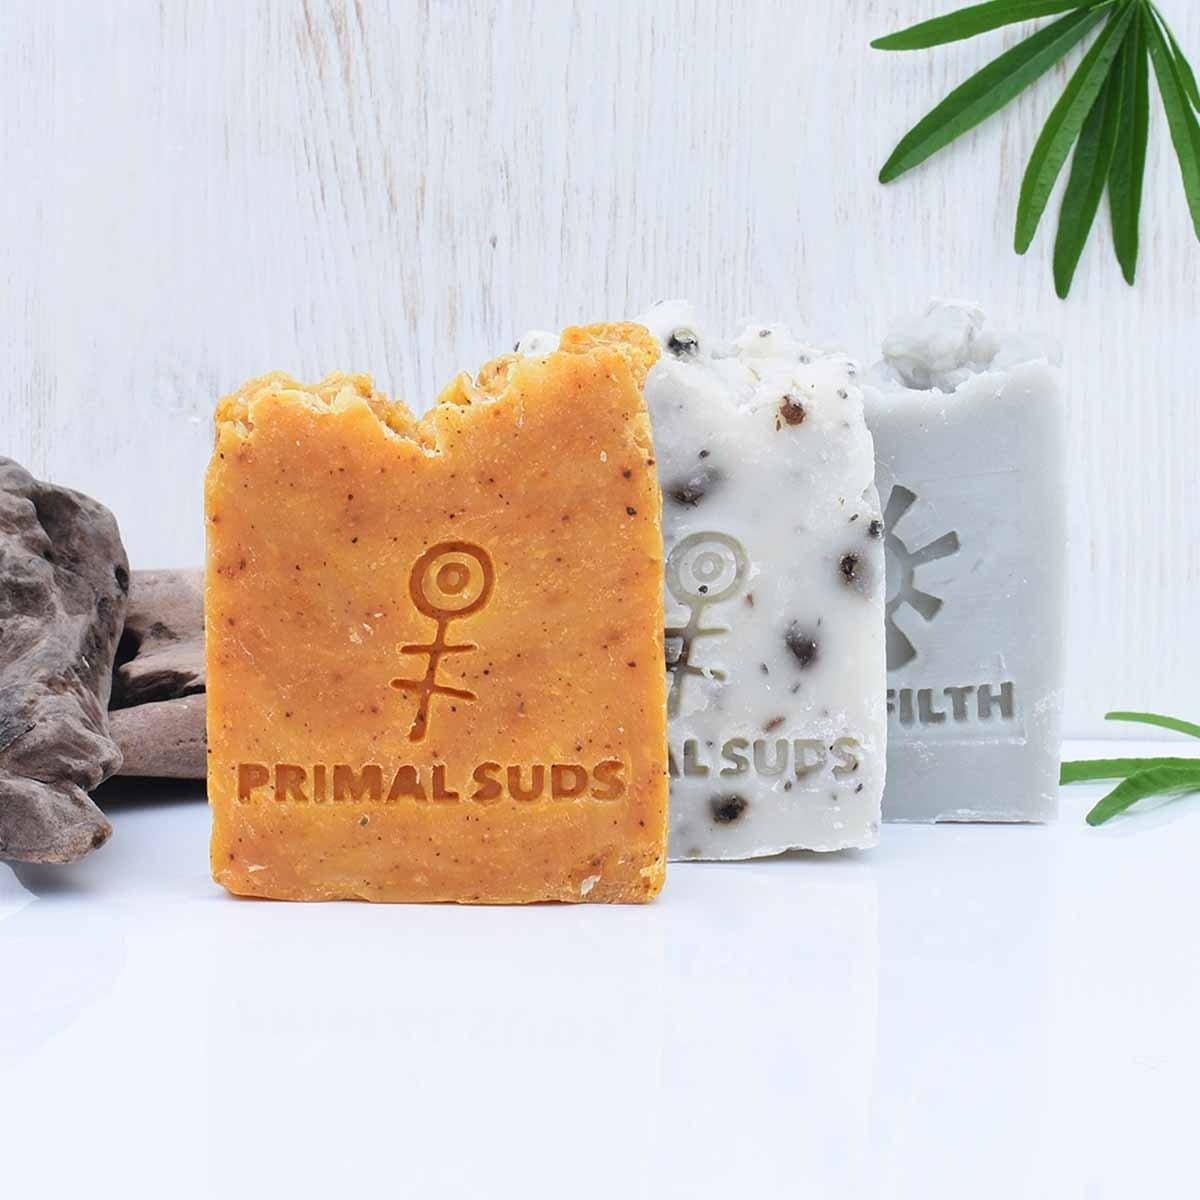 primal suds vegan soap bars group shot